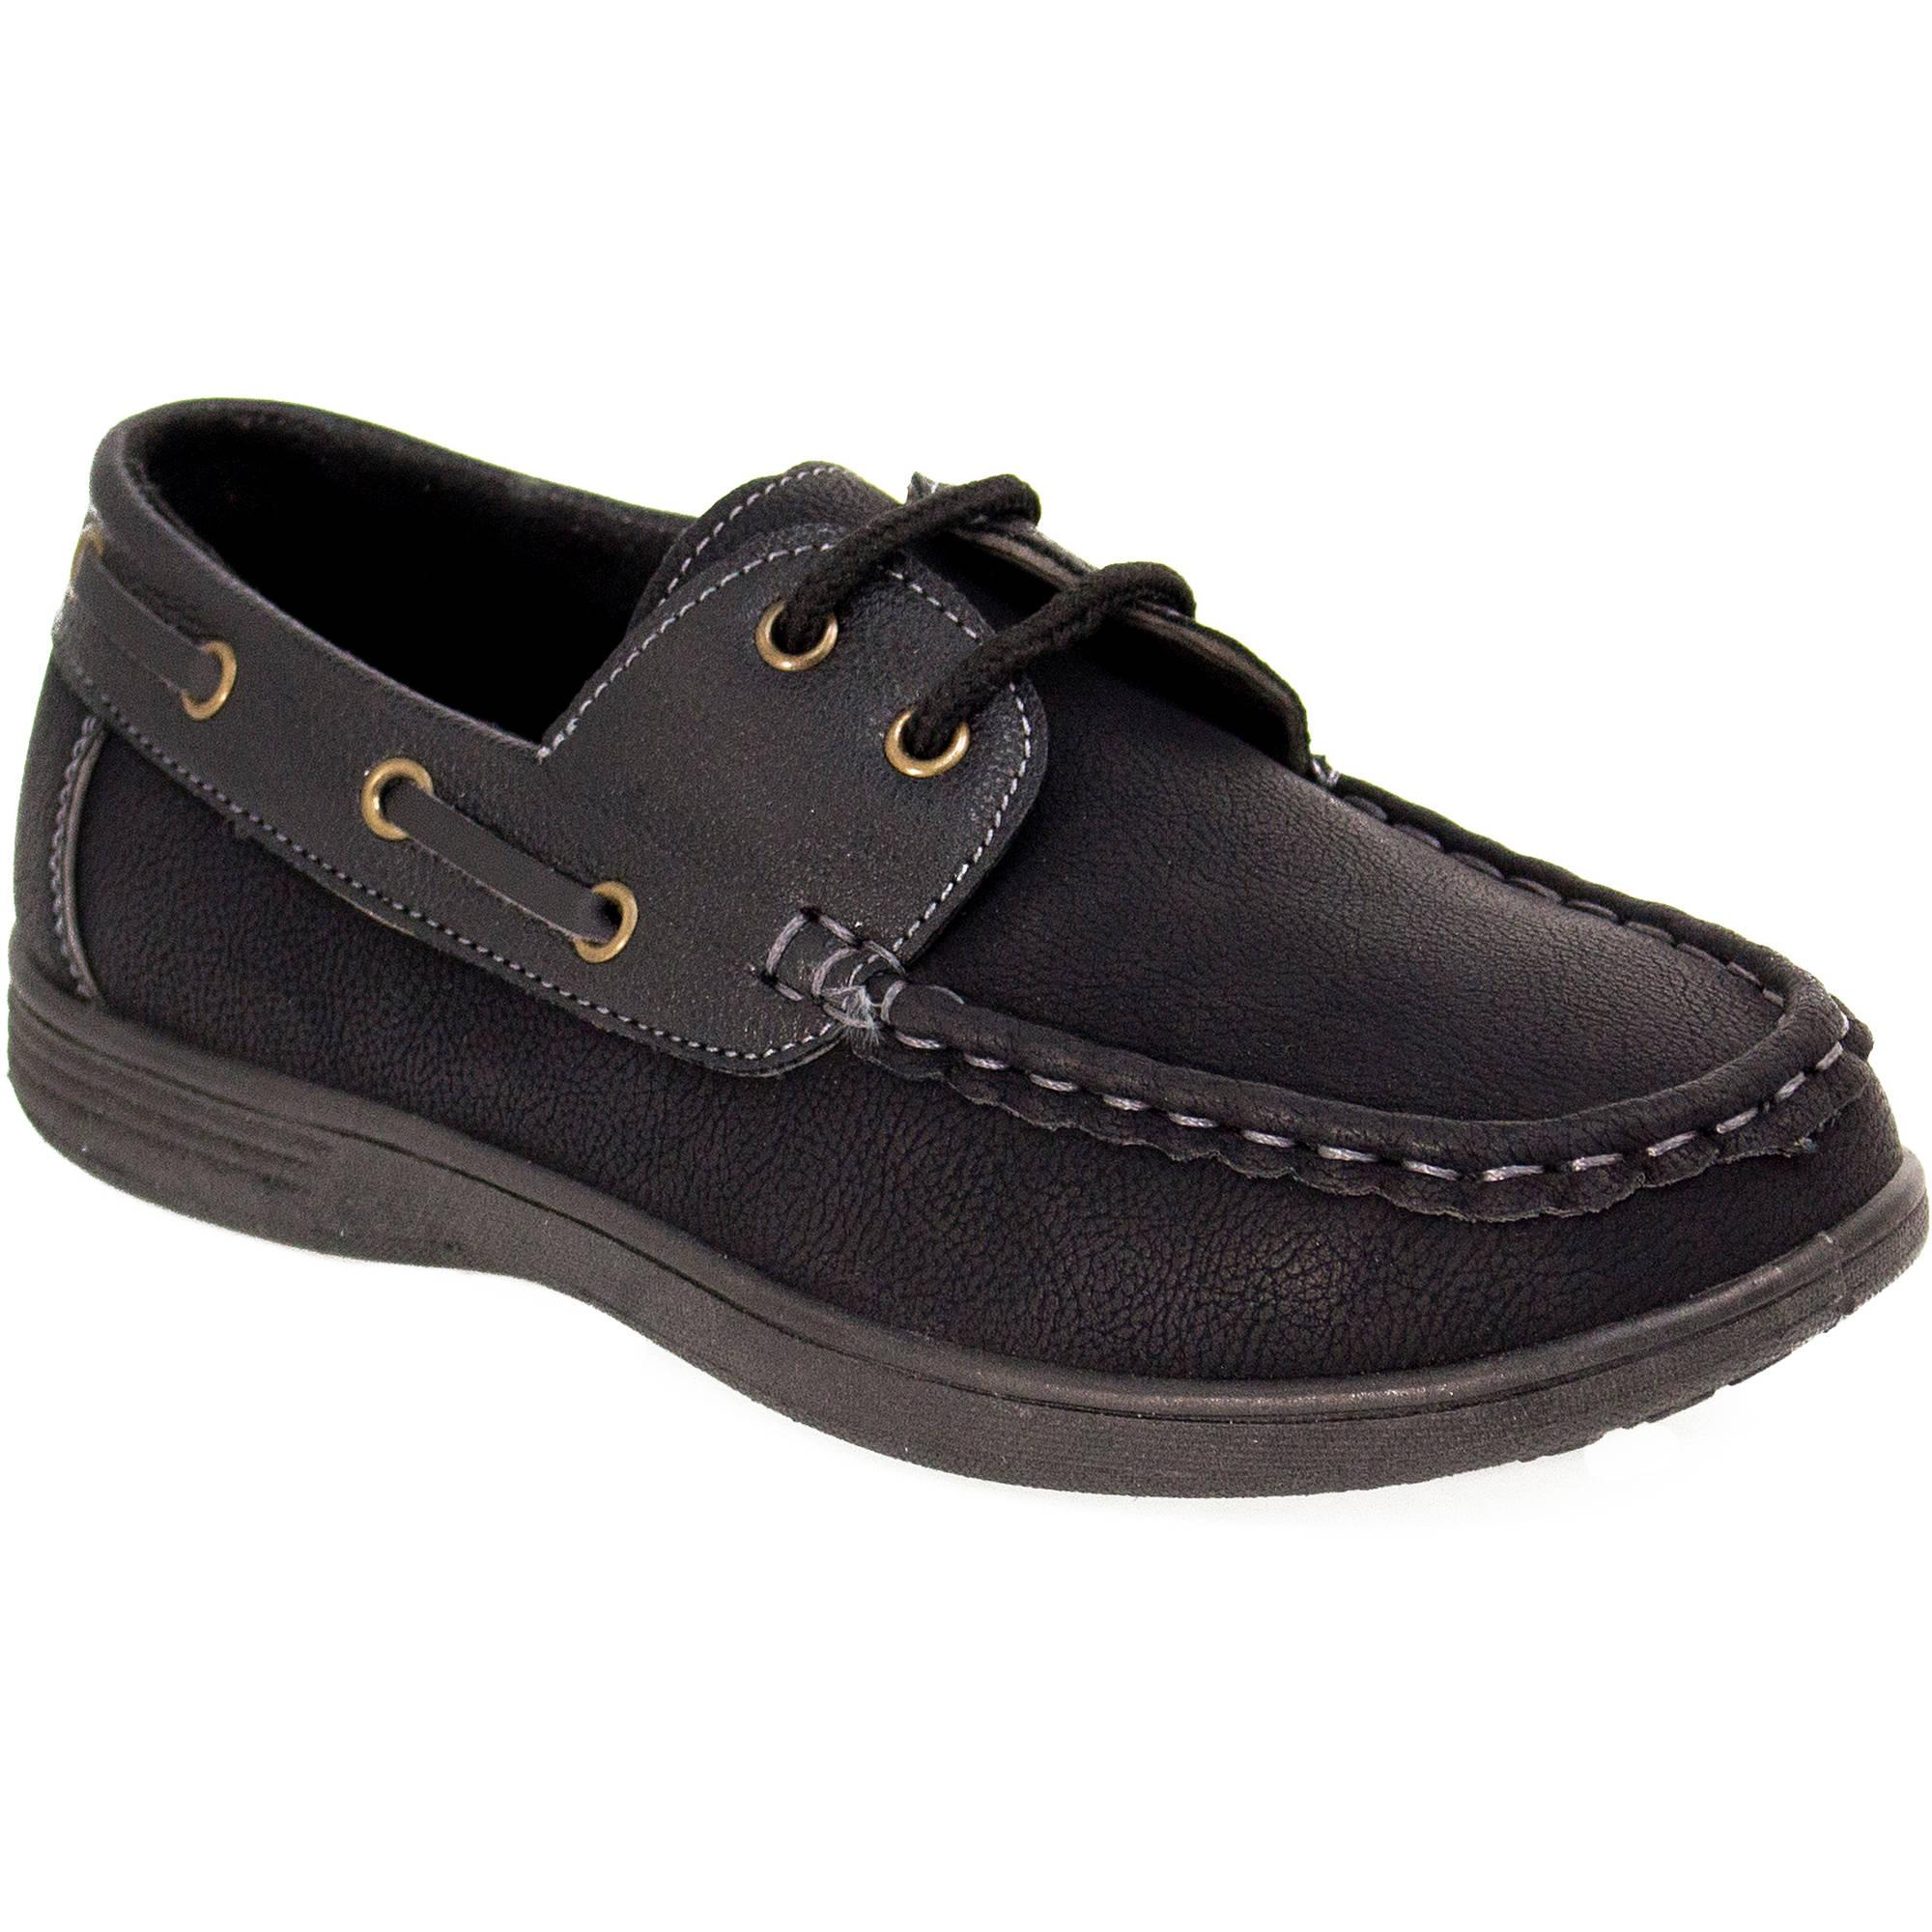 Josmo Boys' Casual Shoe